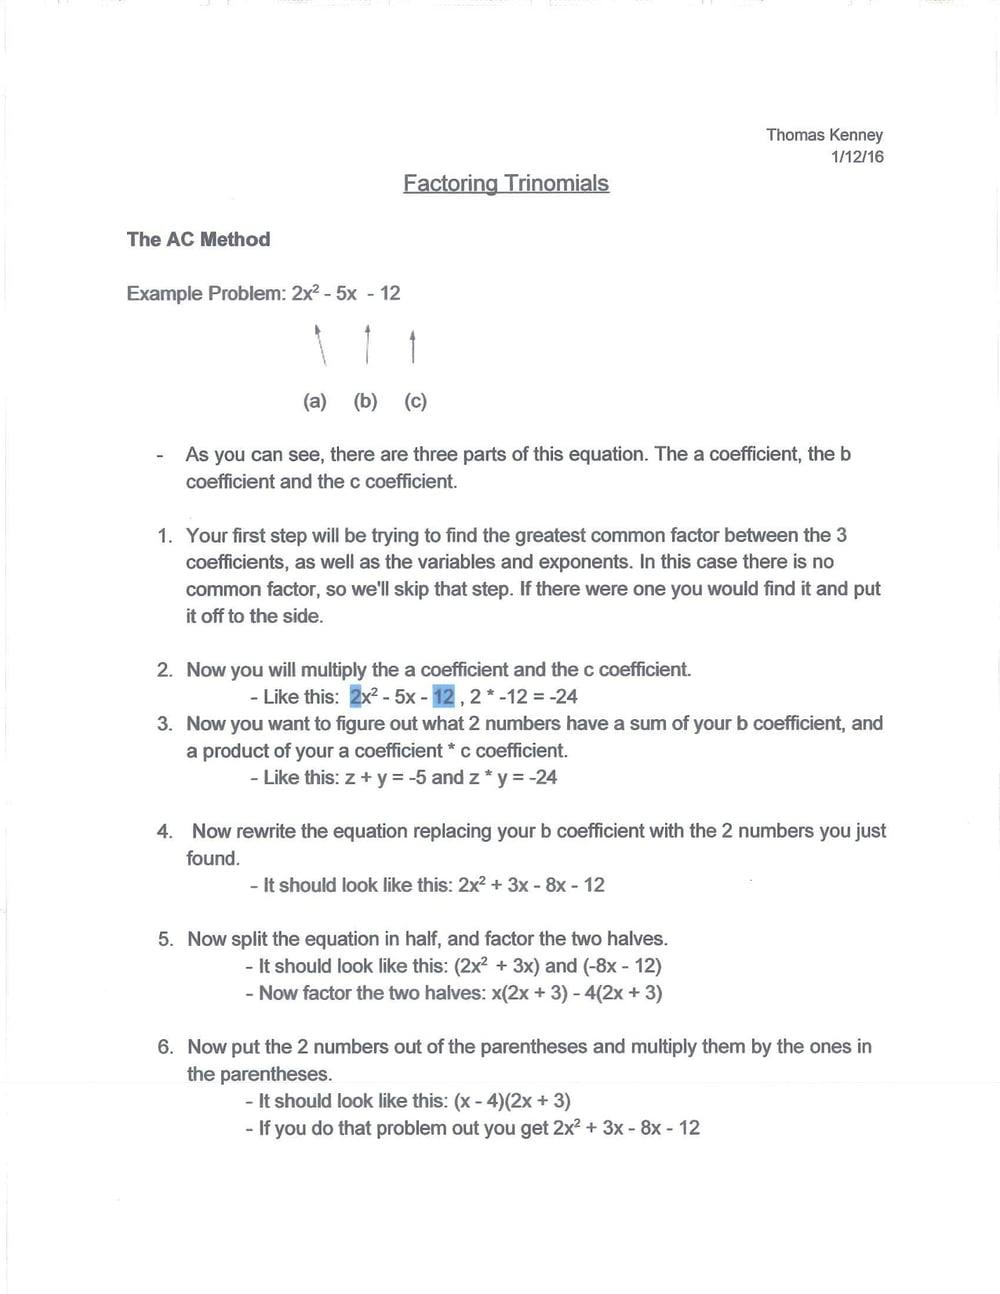 Thomas Study Guide.jpg